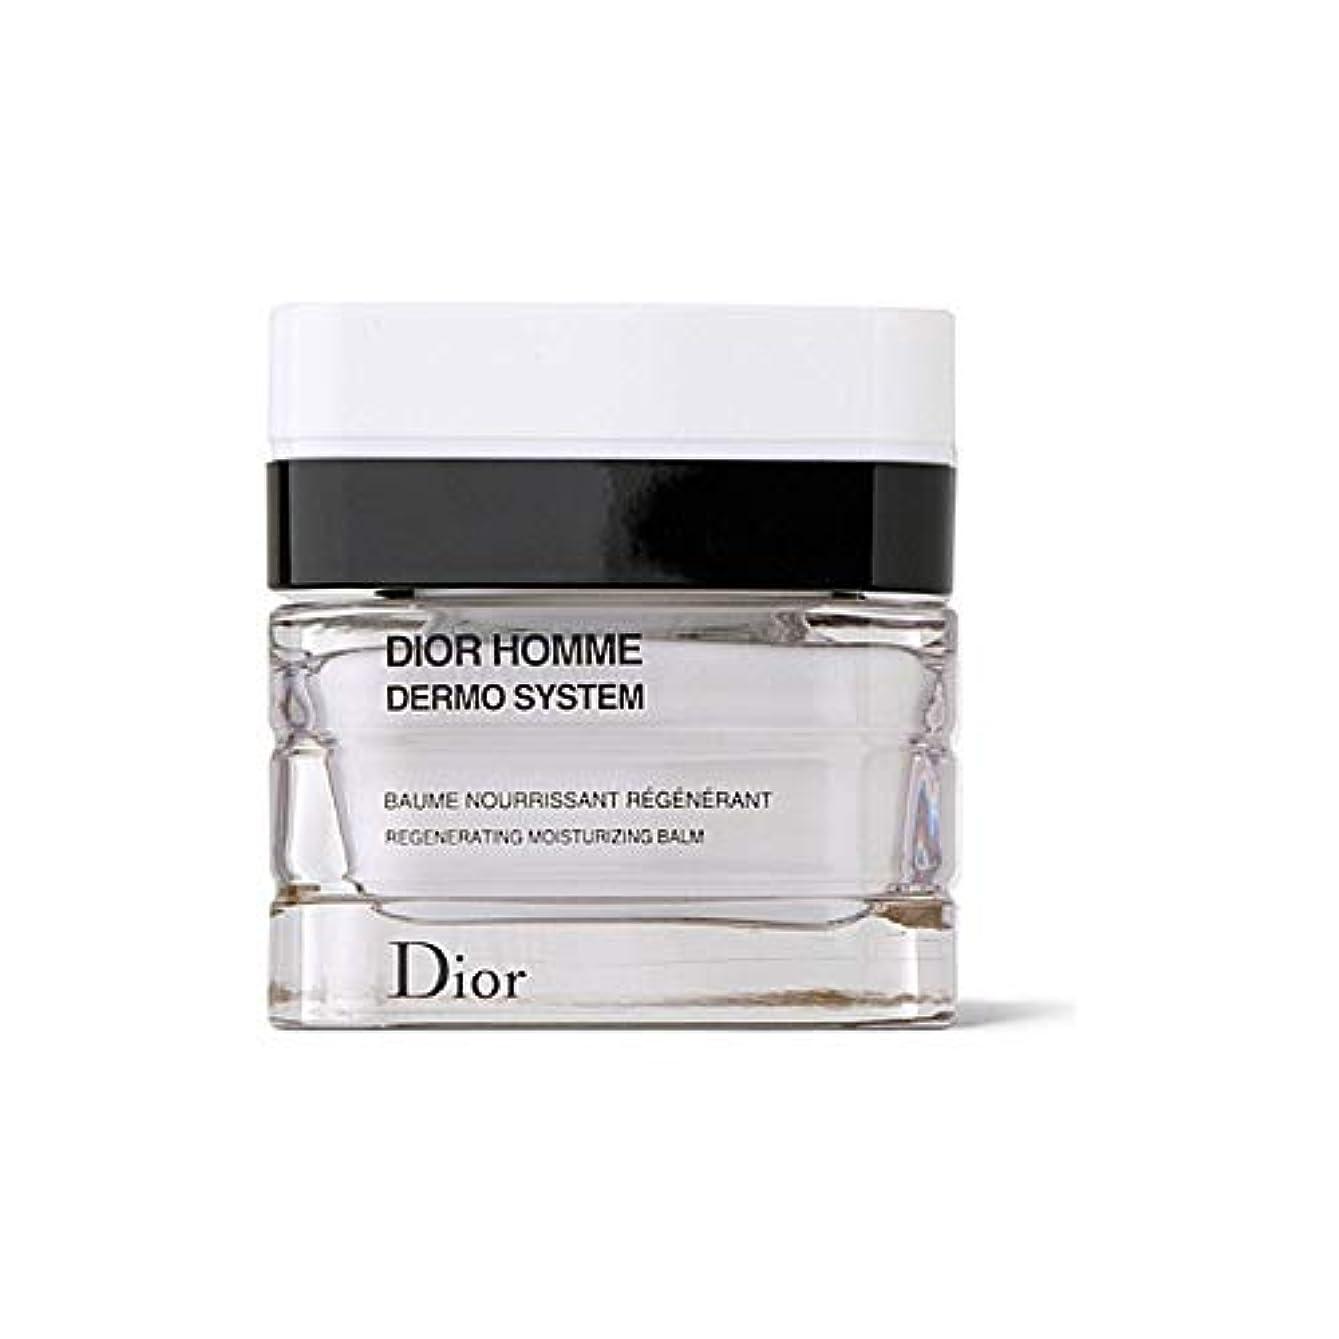 送った寄生虫人口[Dior ] 保湿クリームを再生ディオール、真皮システム - Dior Dermo System Regenerating Moisturising Balm [並行輸入品]